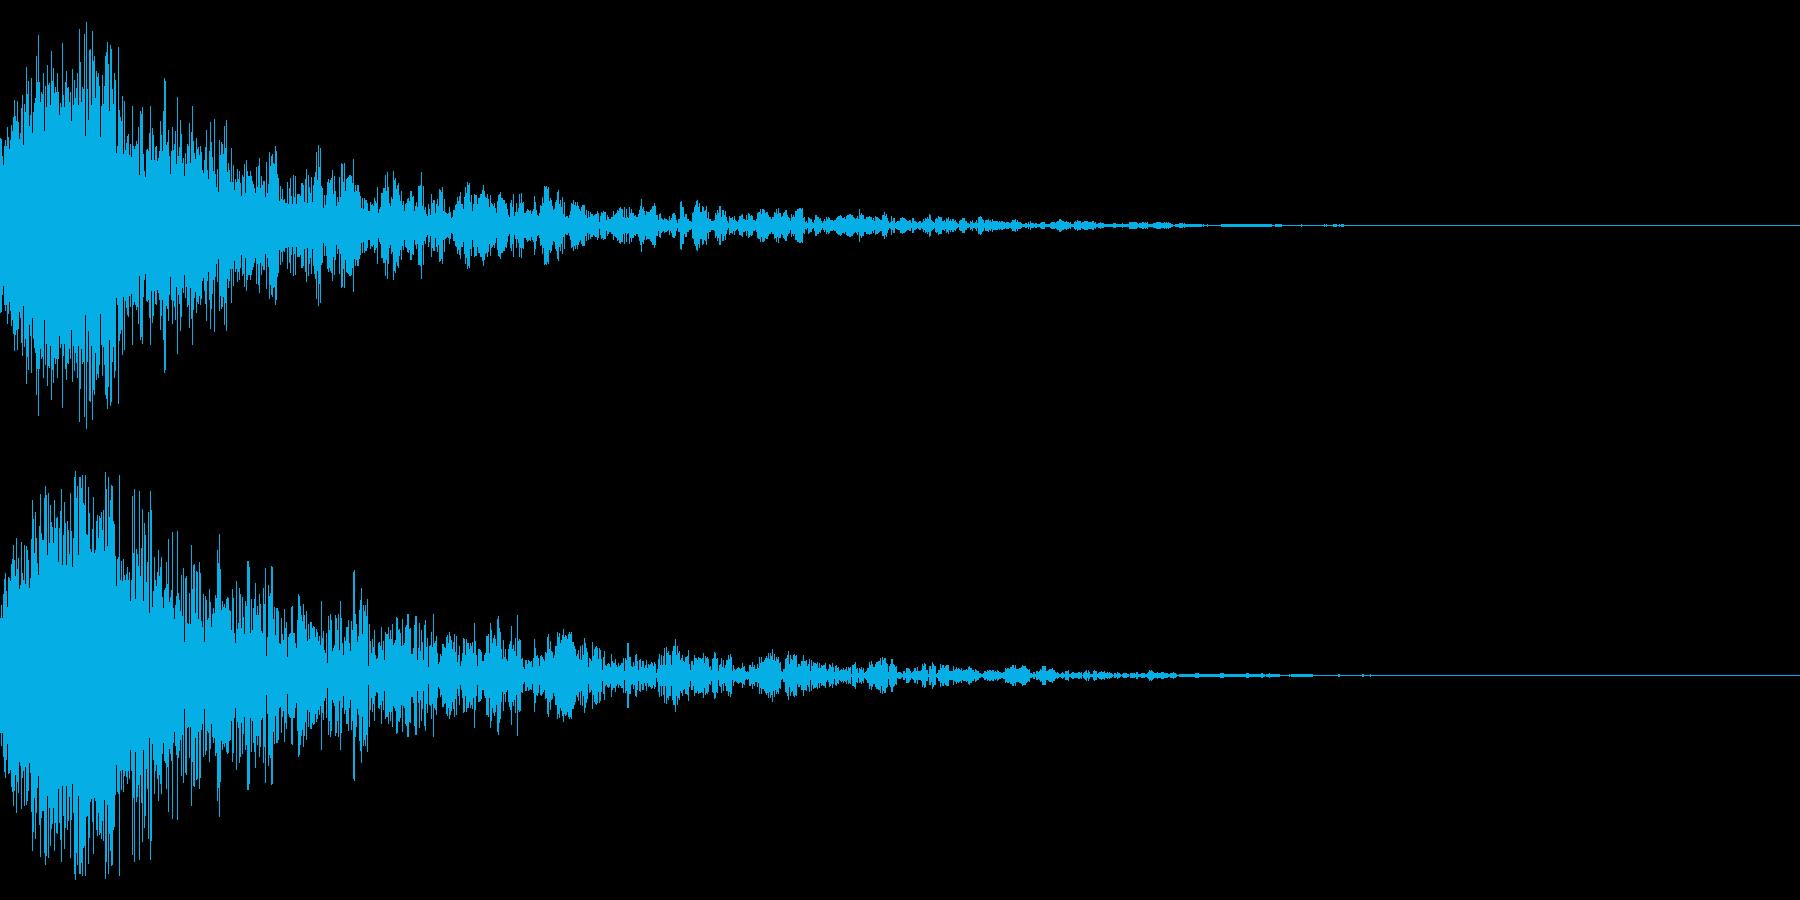 ドーン-54-1(インパクト音)の再生済みの波形